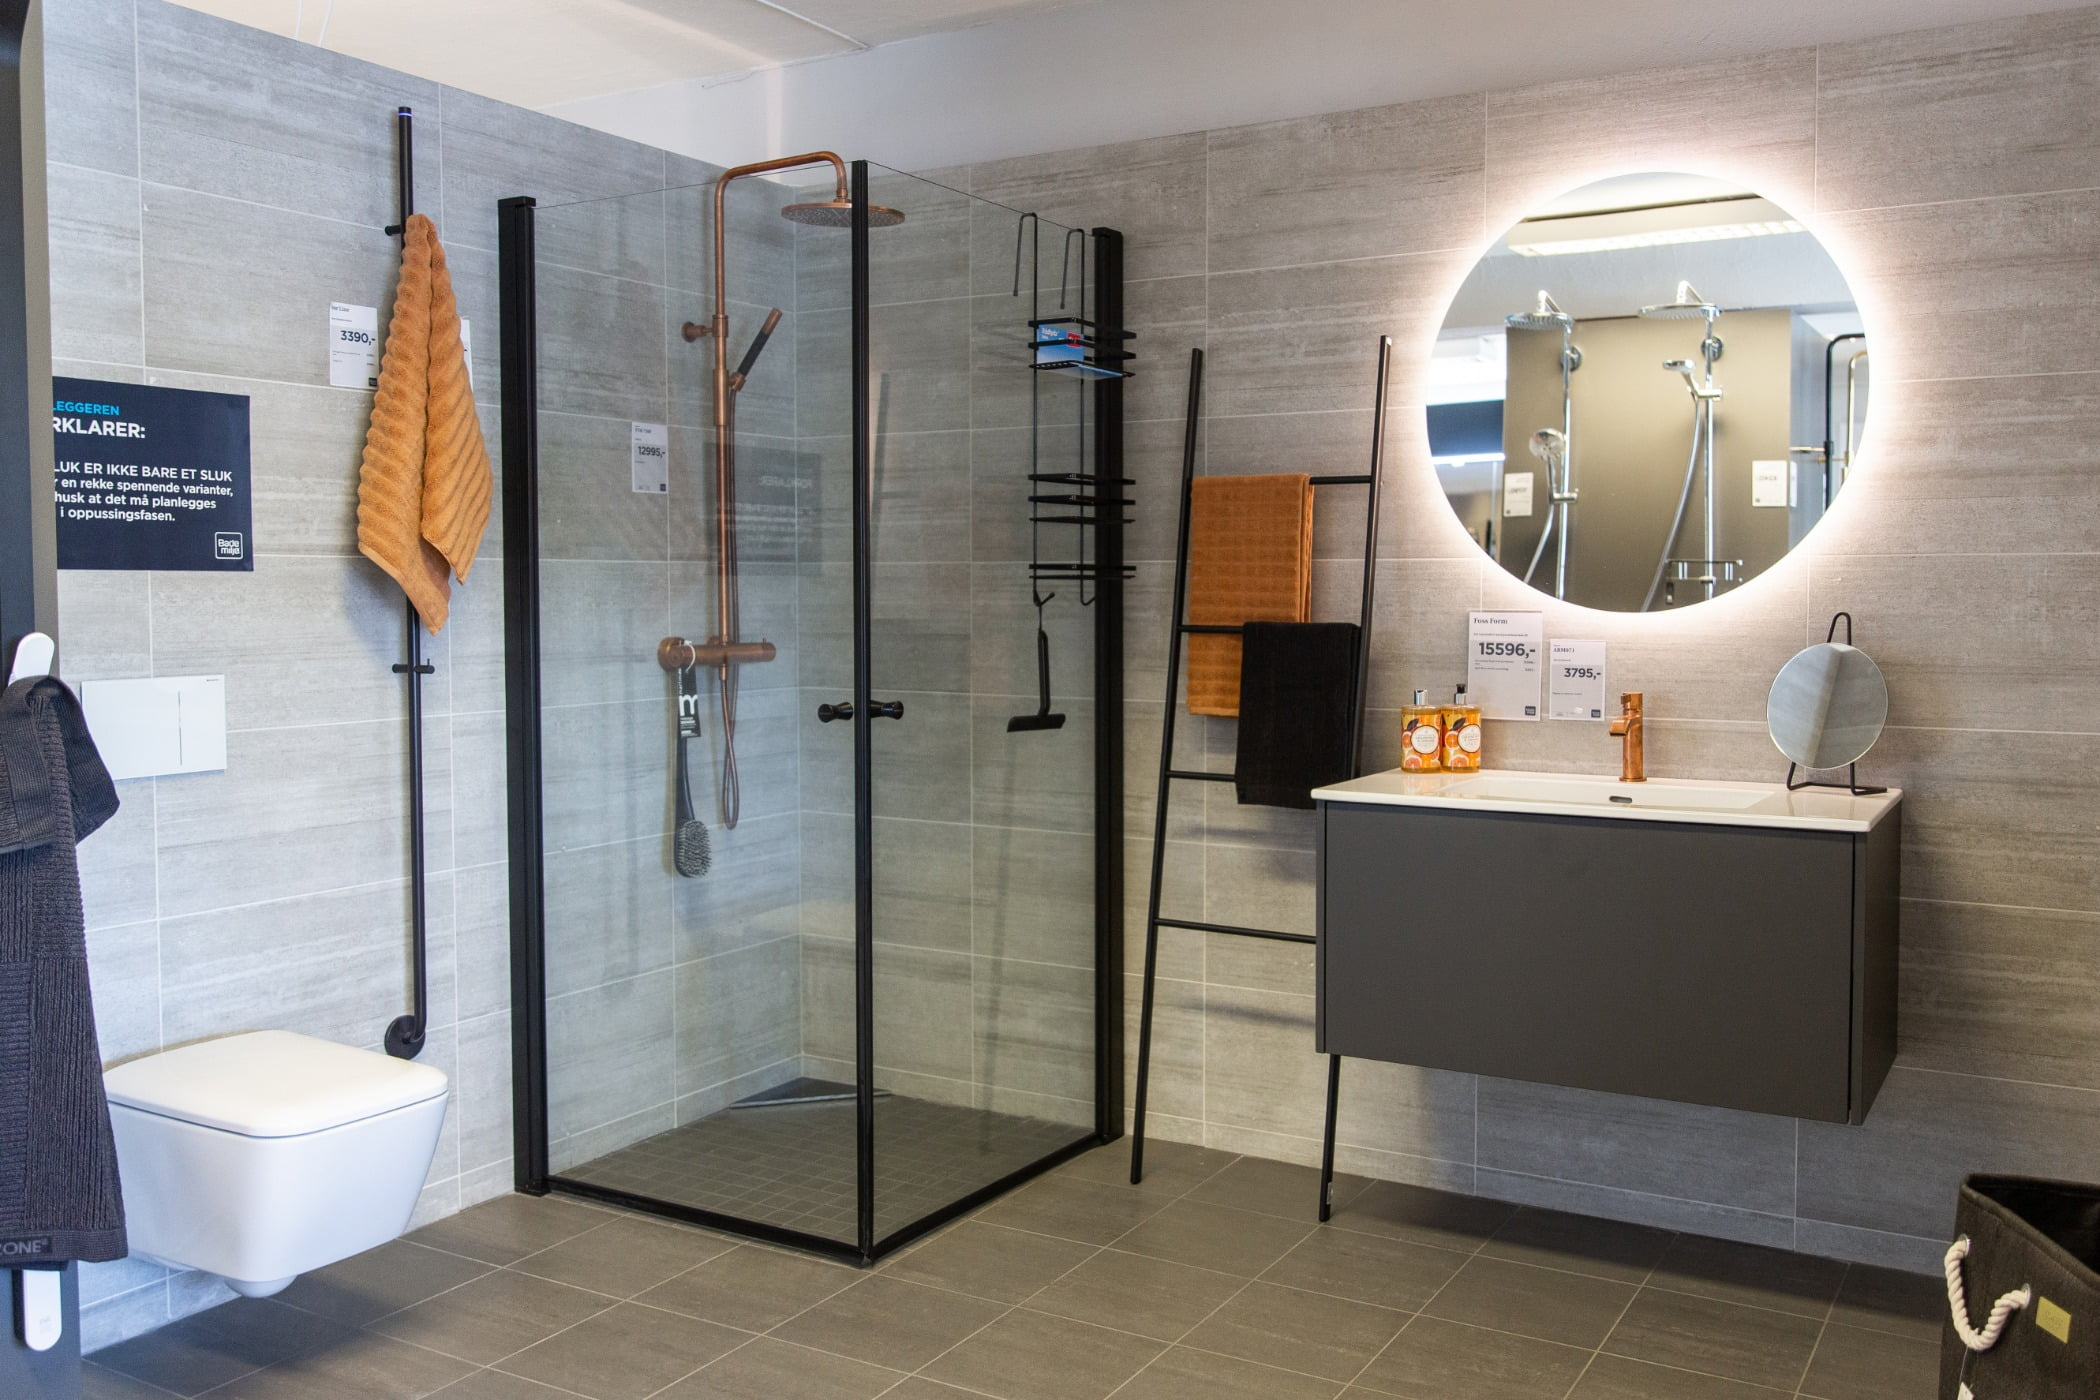 Plumbing fixture, Shower head, Interior design, Mirror, Property, Tap, Building, Sink, Bathroom